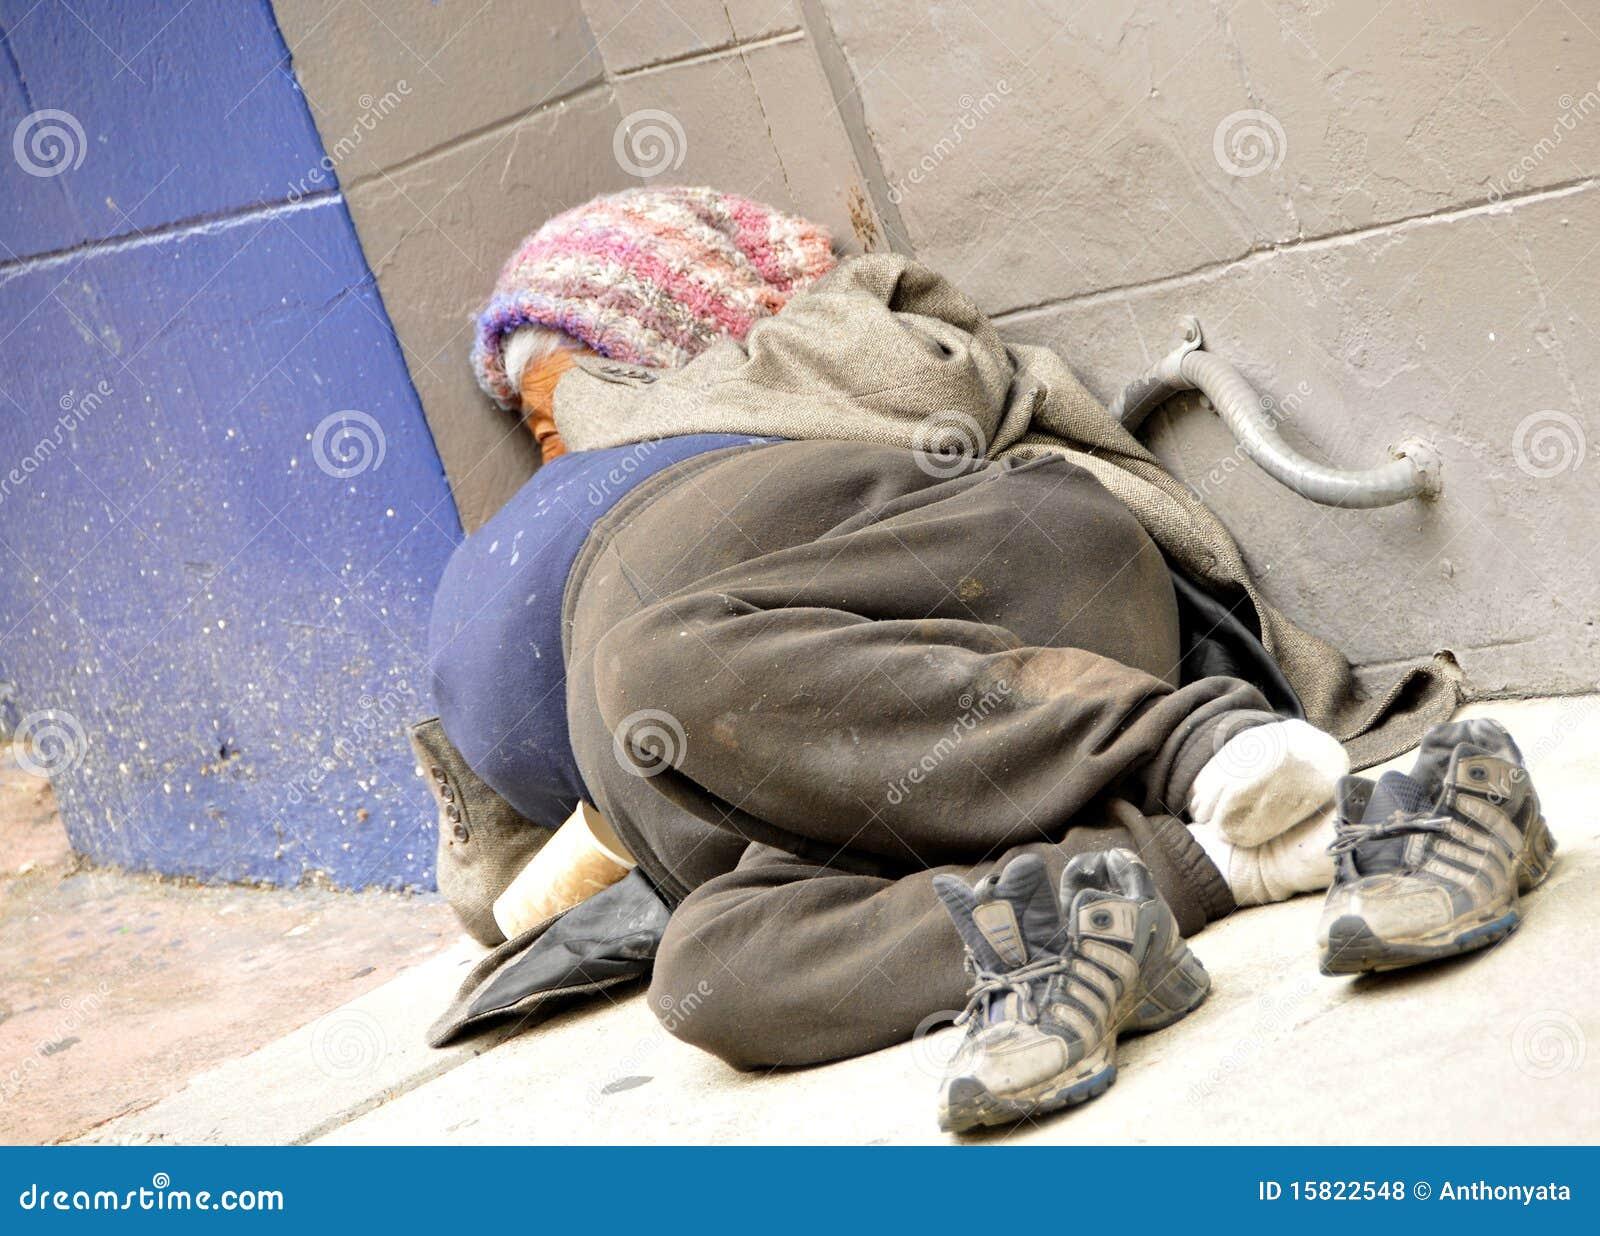 Fagyos Sötétség Kora Homeless-woman-sidewalk-15822548